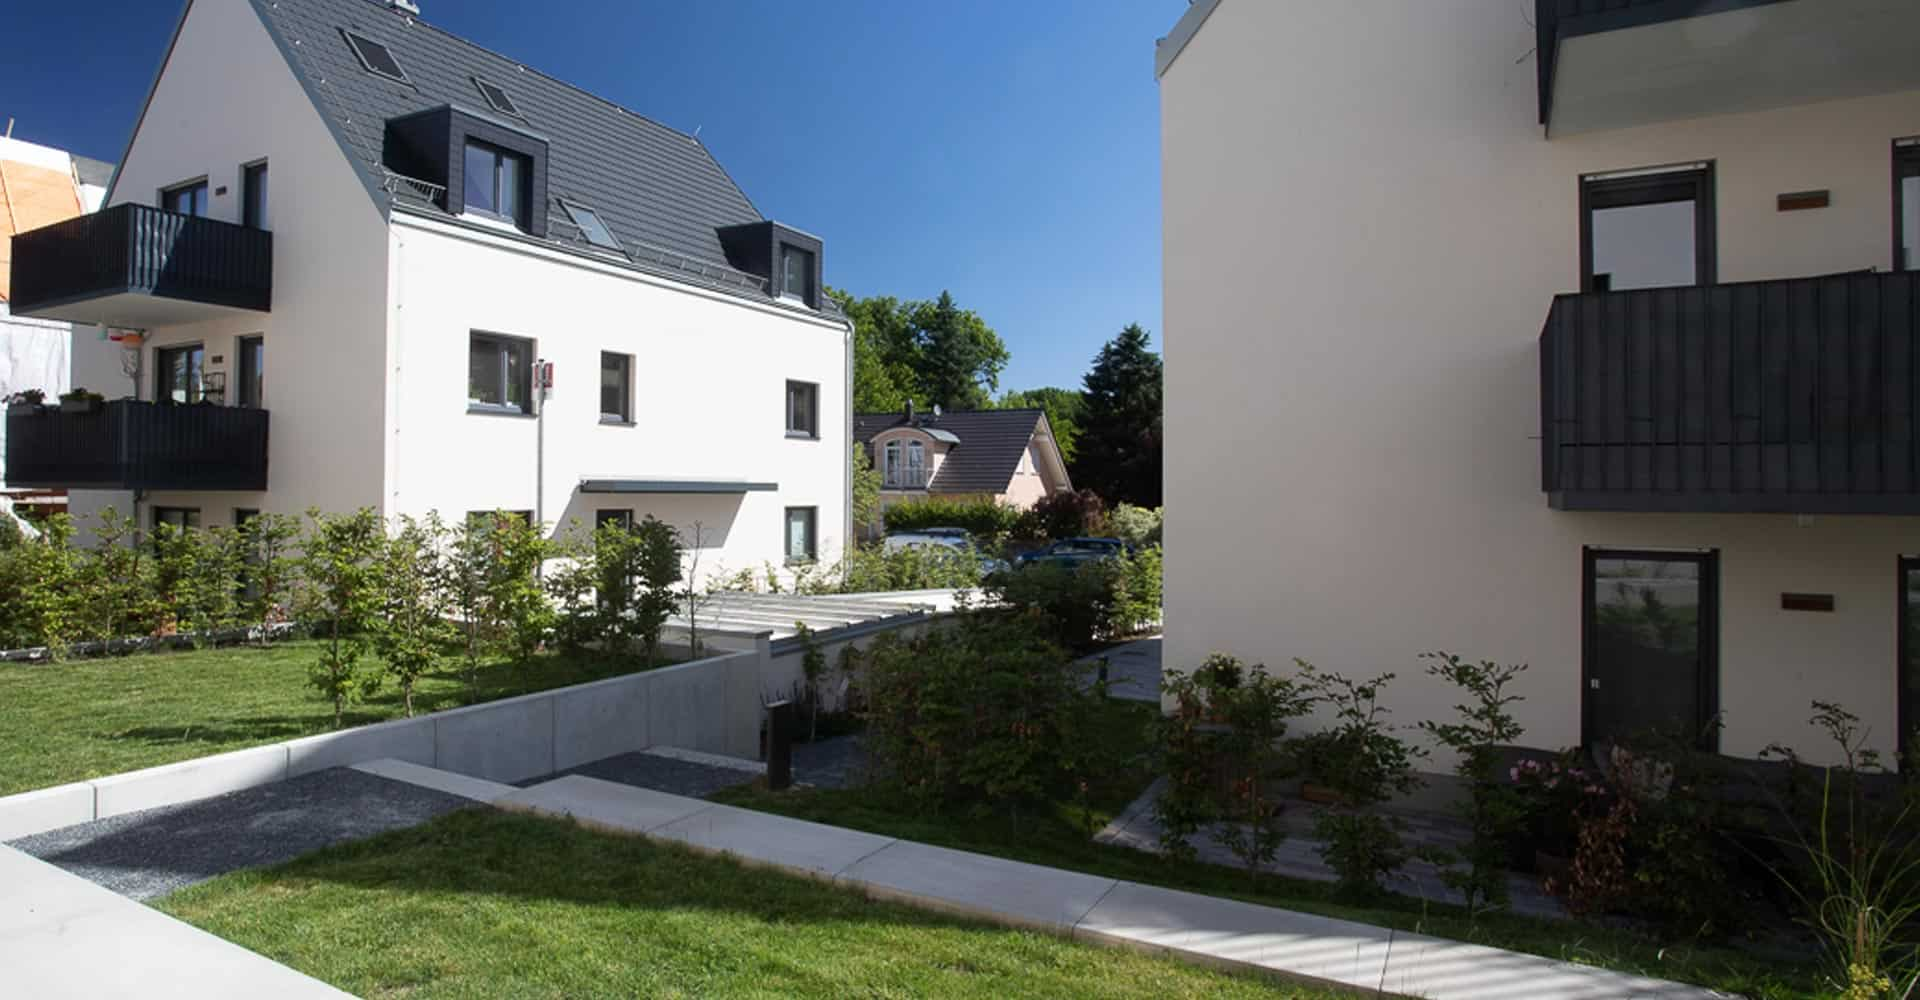 PQA, Park Quartiere Altfranken, Neubau, Grundsteinlegung, Richtfest, 15 Eigentumswohnungen, Architektur, Handwerk